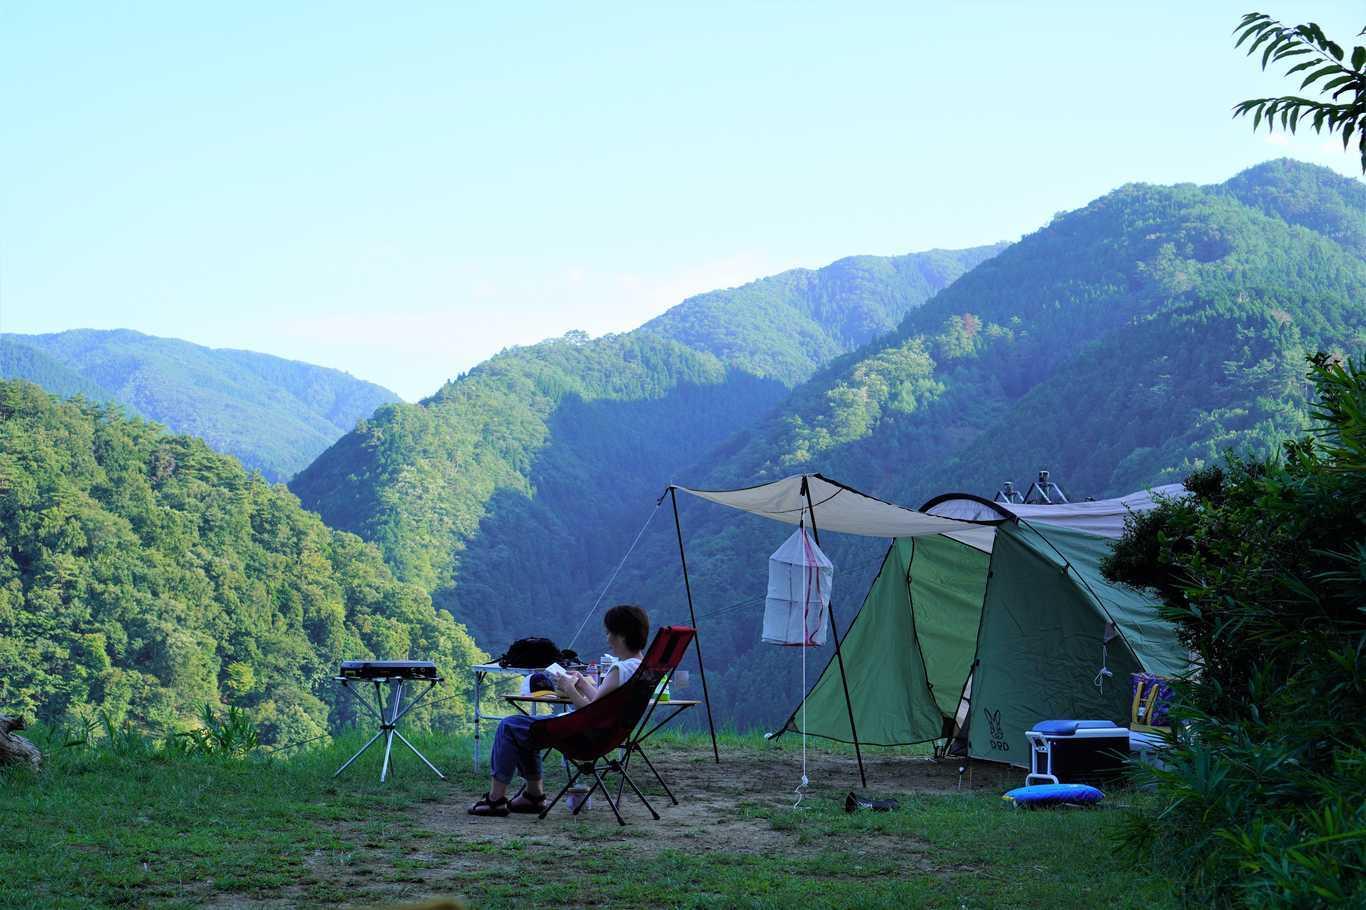 天滝公園キャンプ場 の公式写真c13190